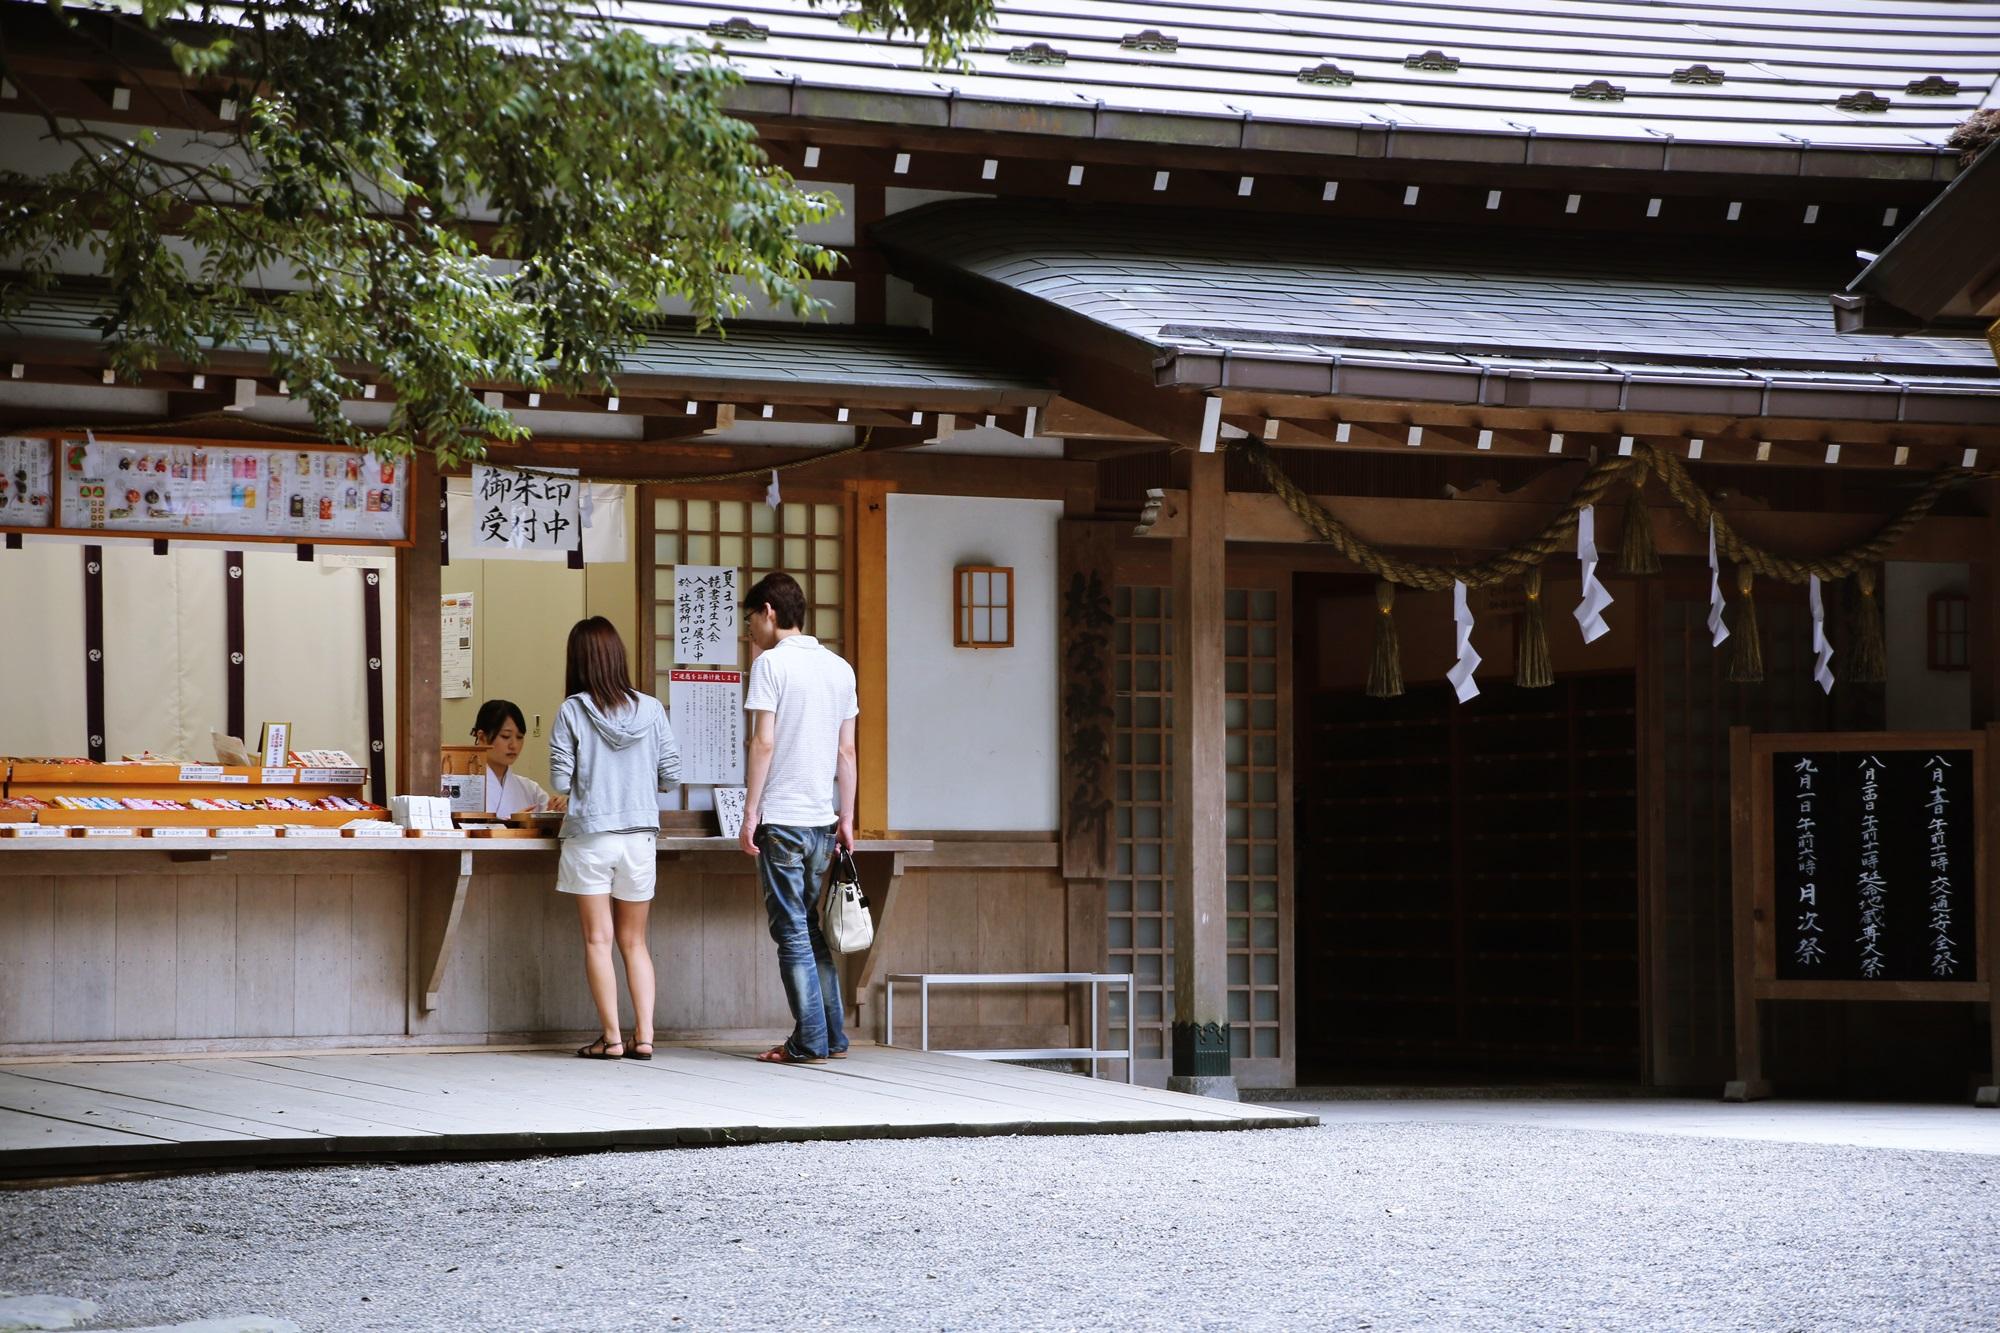 椿大神社 (つばきおおかみやしろ) tsubakiookamiyashiro (9)